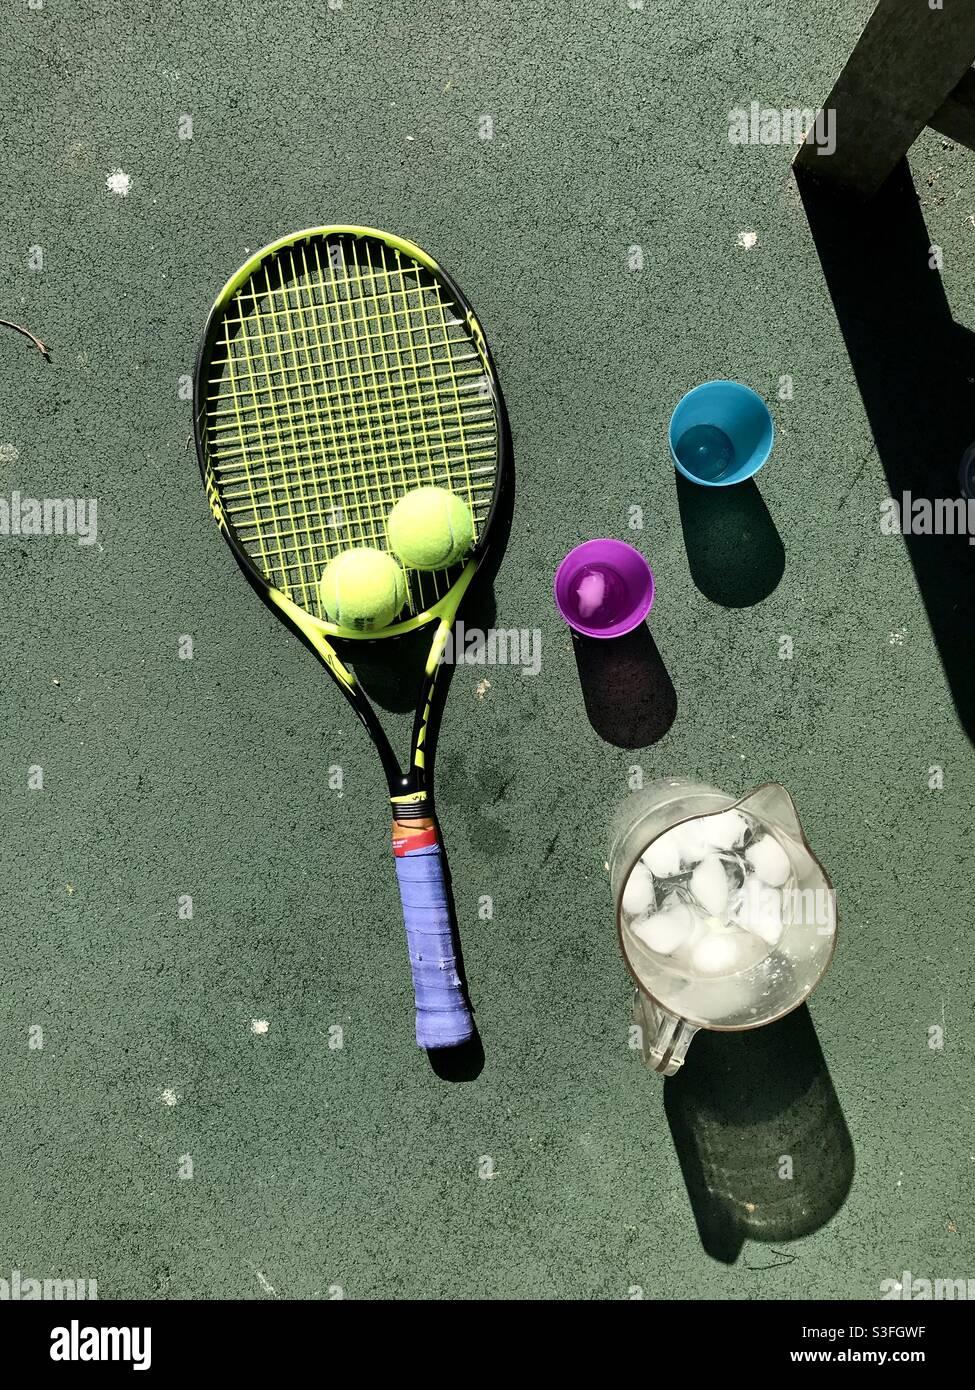 Vista a volo d'uccello delle racchette da tennis su un campo da tennis con palle da tennis a fianco una caraffa di ghiaccio freddo acqua e un paio di tazze su un caldo sole giorno Foto Stock